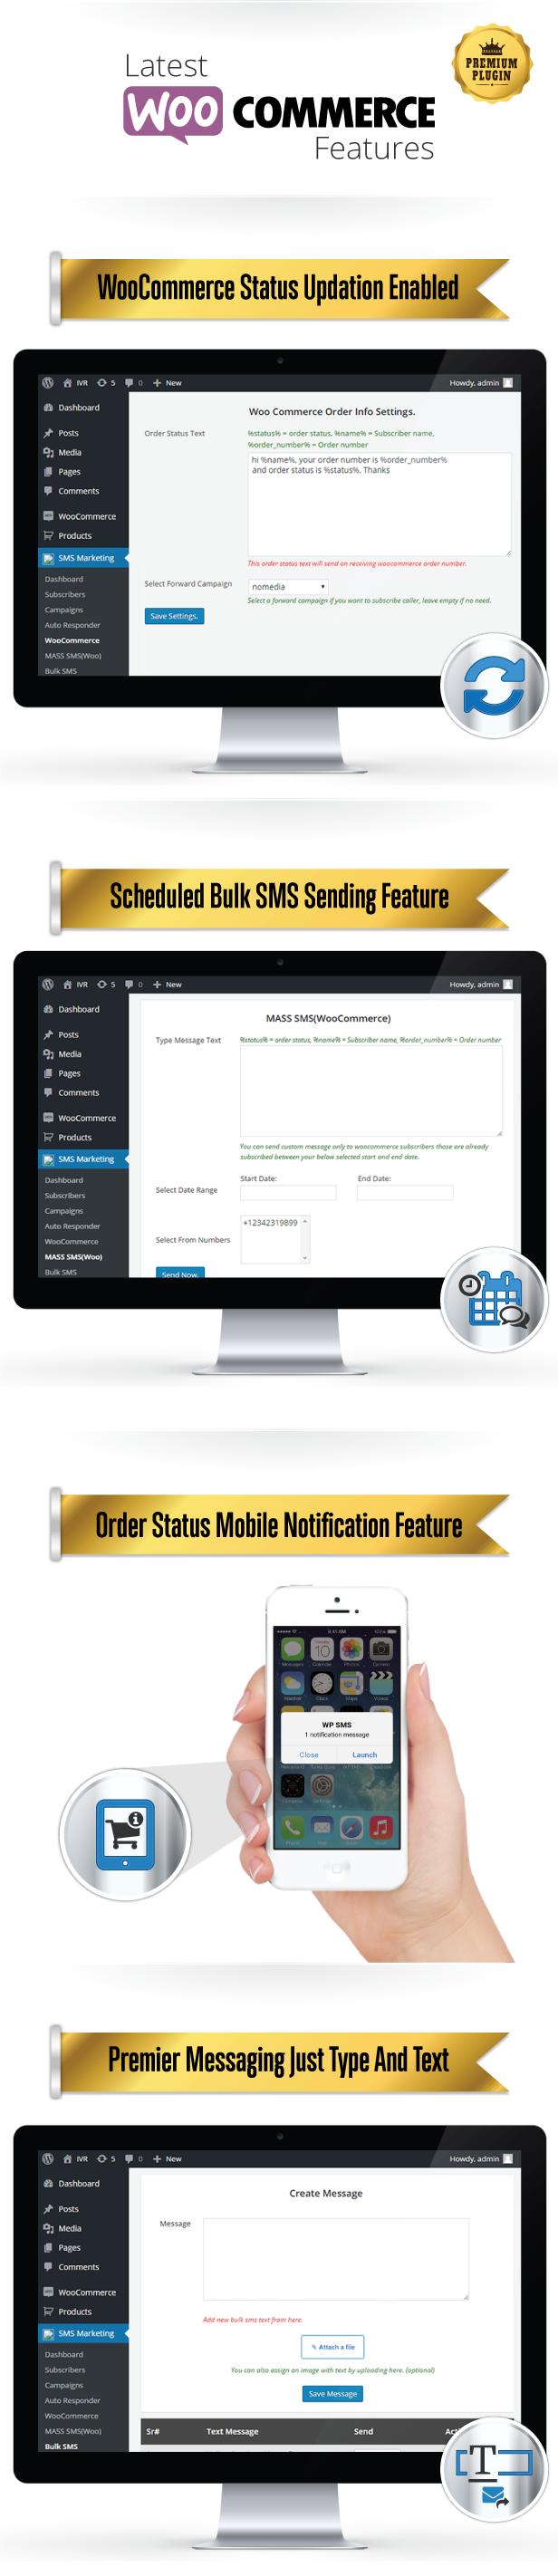 WP-WOO SMS Dernières fonctionnalités intéressantes de WOO-Commerce